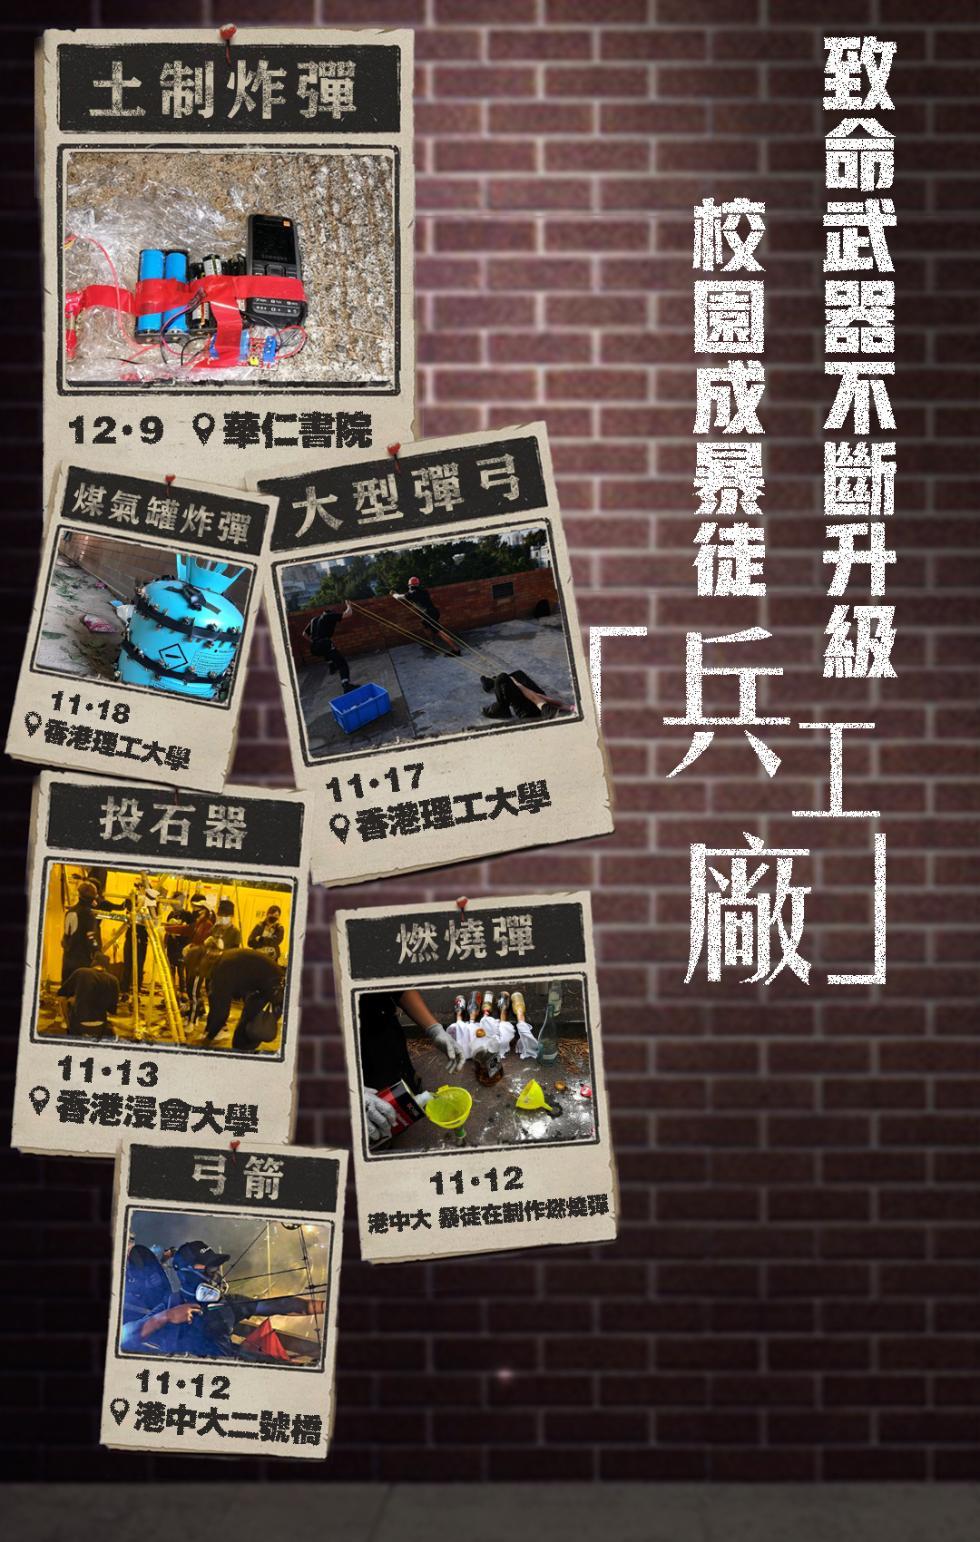 """香港土制炸弹暗藏大量尖钉 暴徒正向恐怖主义""""进化"""""""